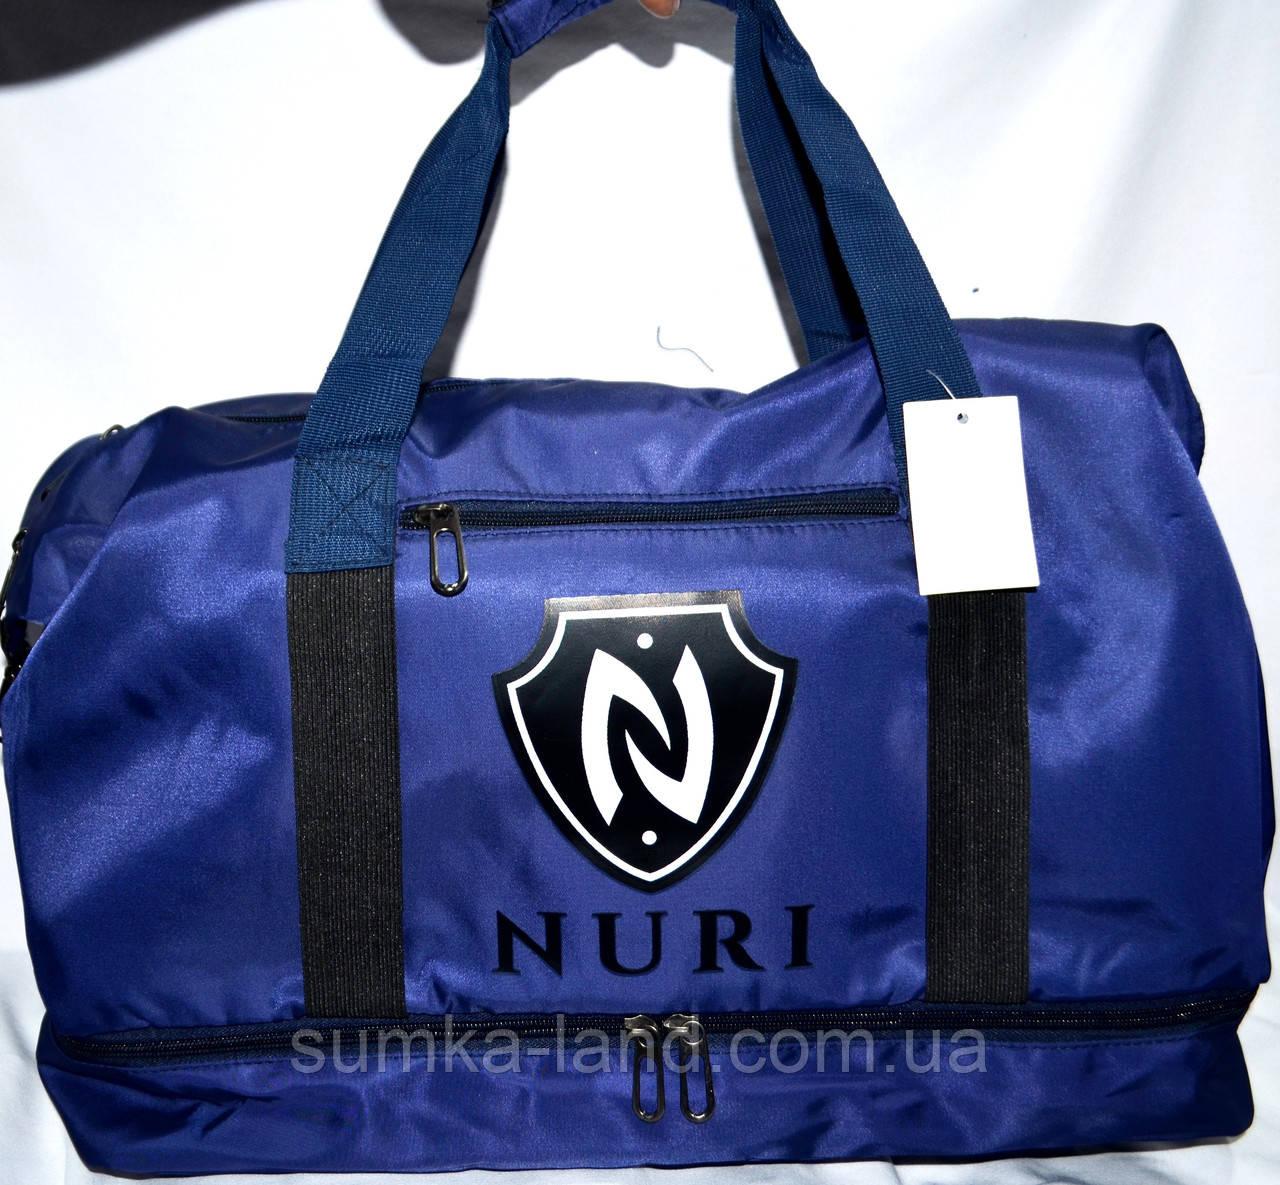 Женская дорожная и городская синяя сумка 48*30 см